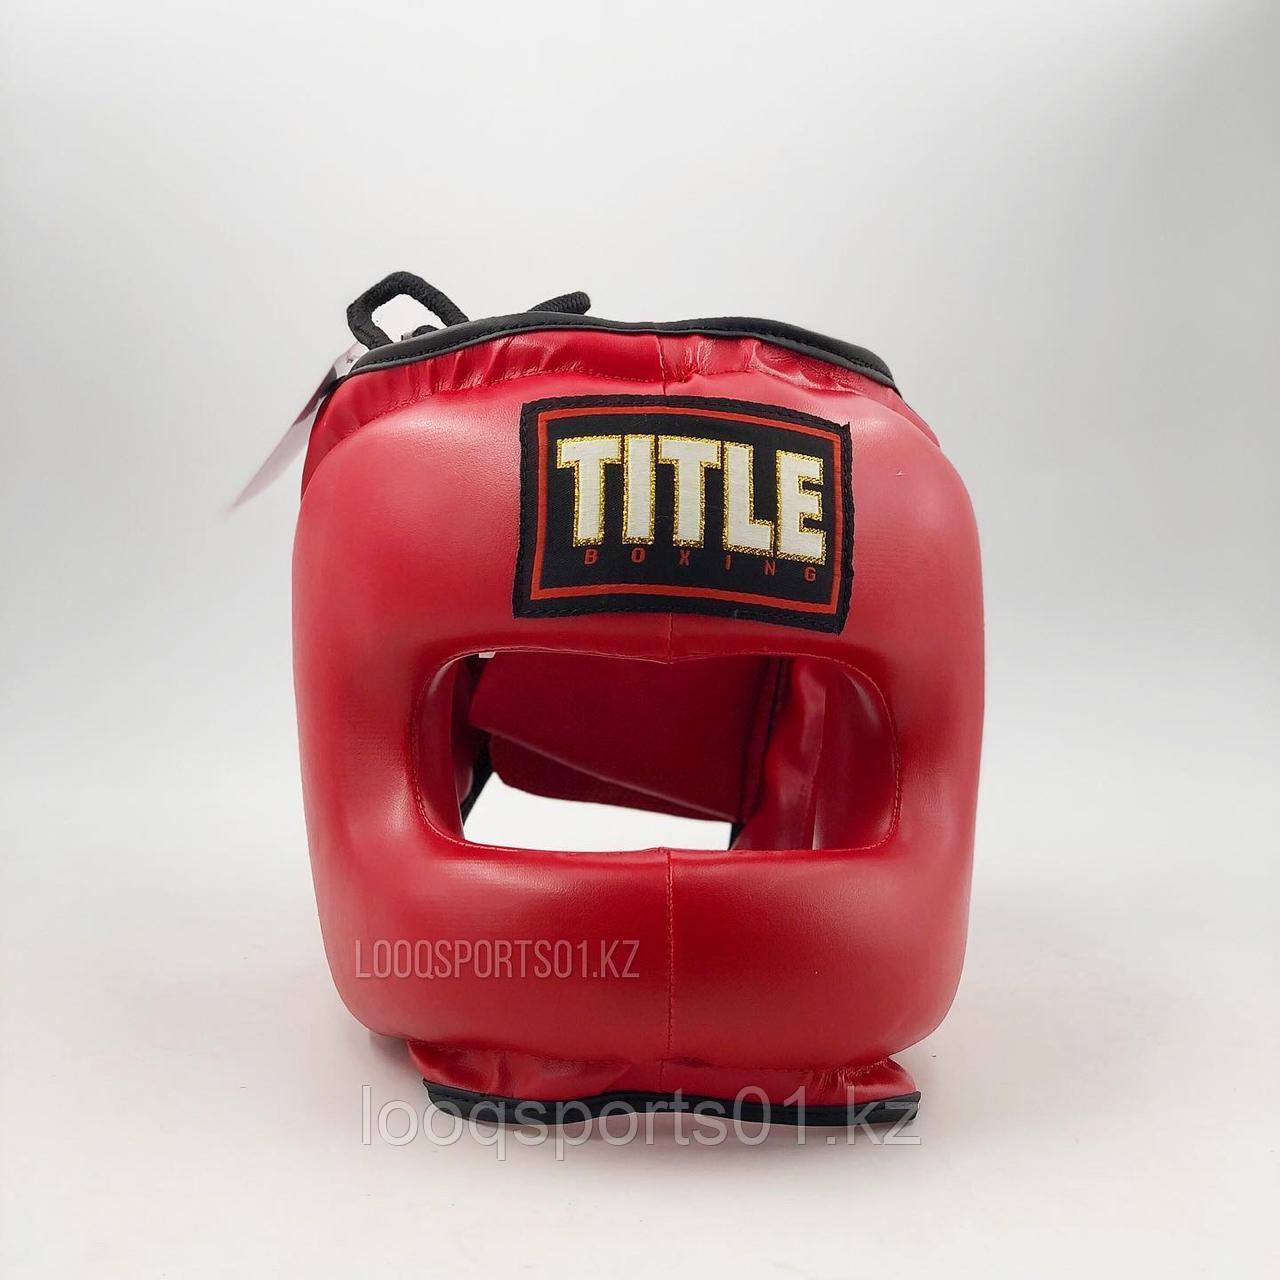 Боксерский шлем с бампером (закрытый шлем для единоборств